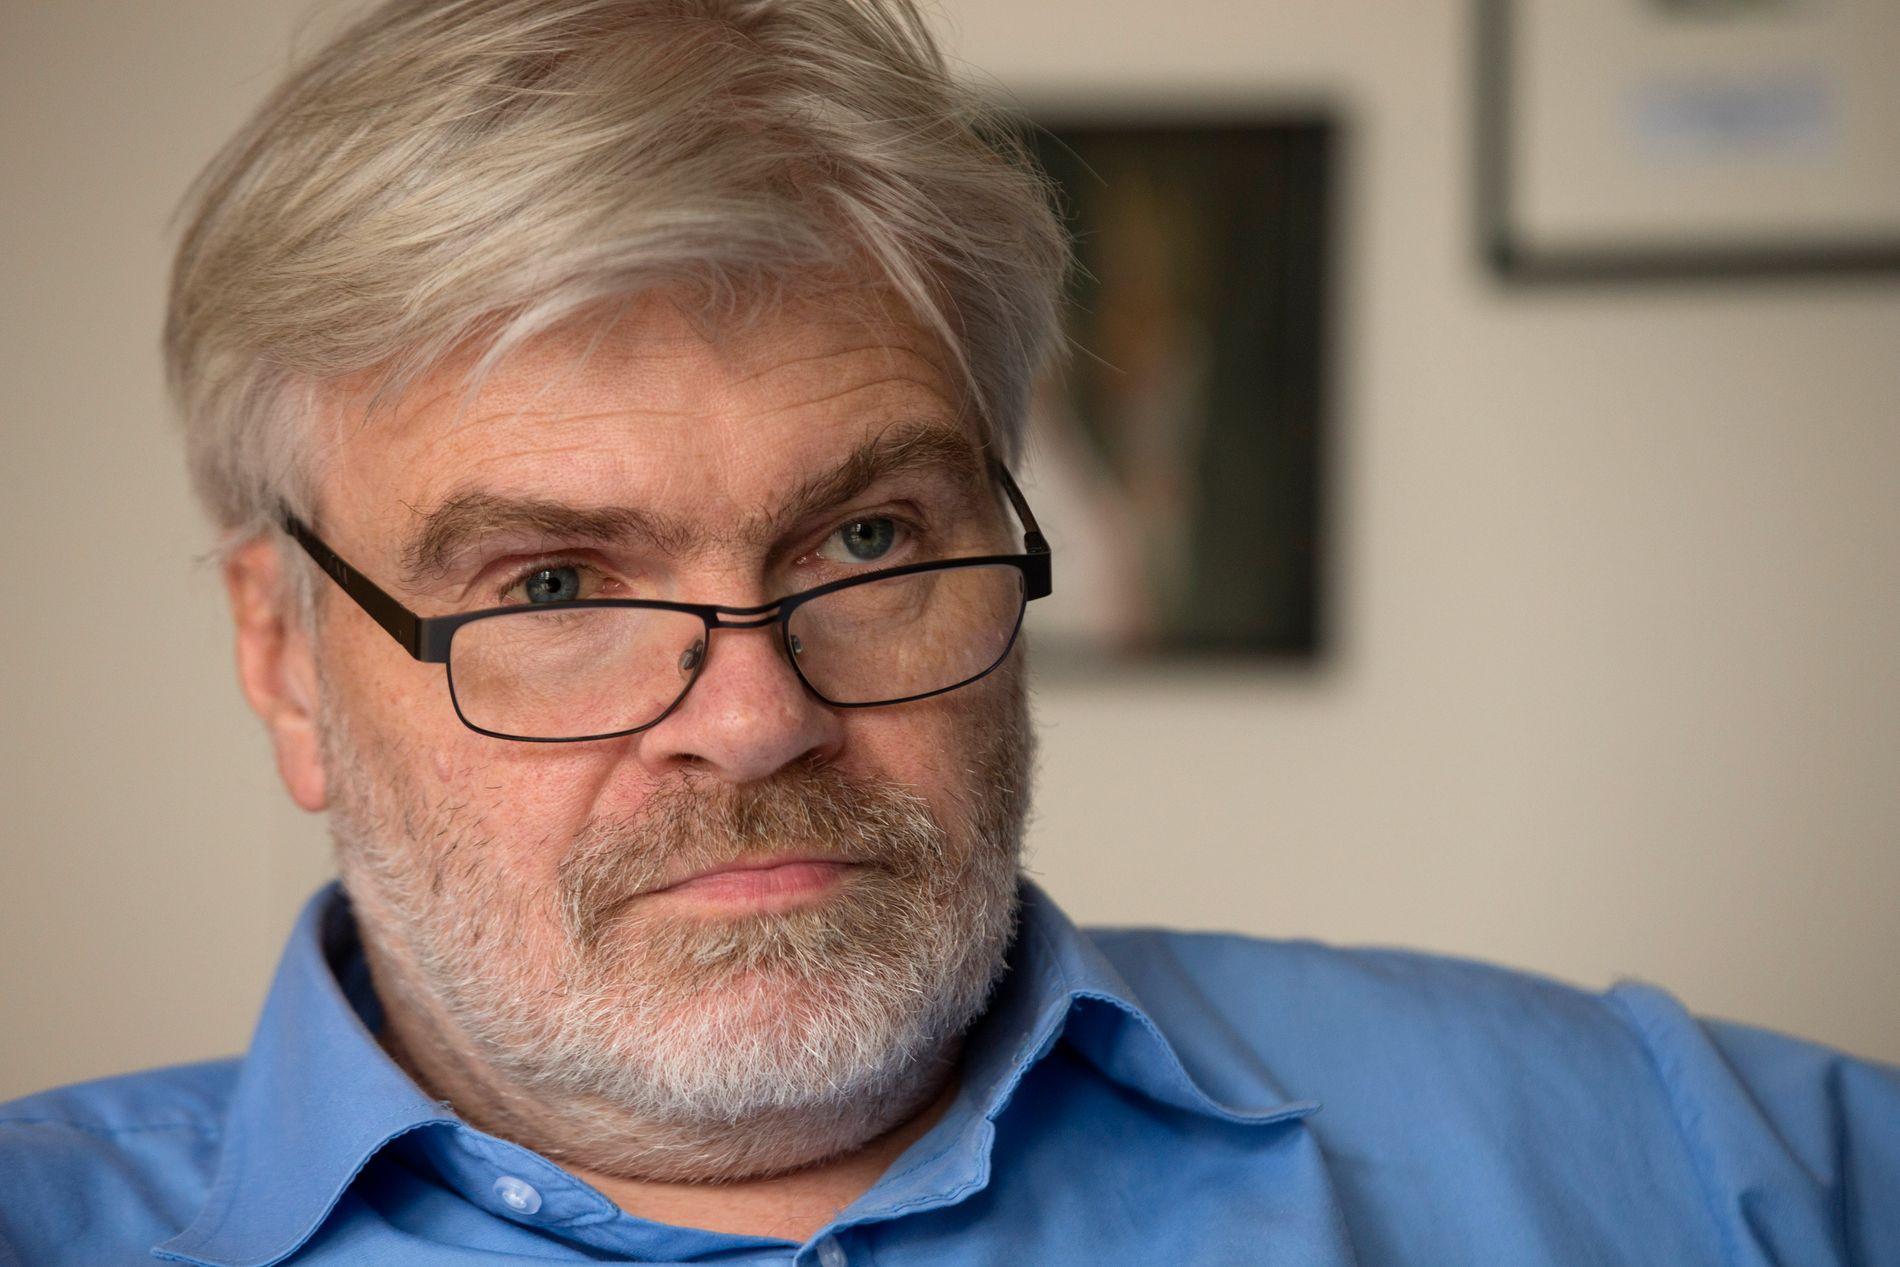 ERFAREN: Leif Sande var forbundsleder i LOs oljeforbund IndustriEnergi fra 2006 til i fjor, da han satset på å komme inn på Stortinget, på Hordalands Ap-liste. Han lyktes ikke, men er vararepresentant og for tiden møtende stortingsrepresentant.